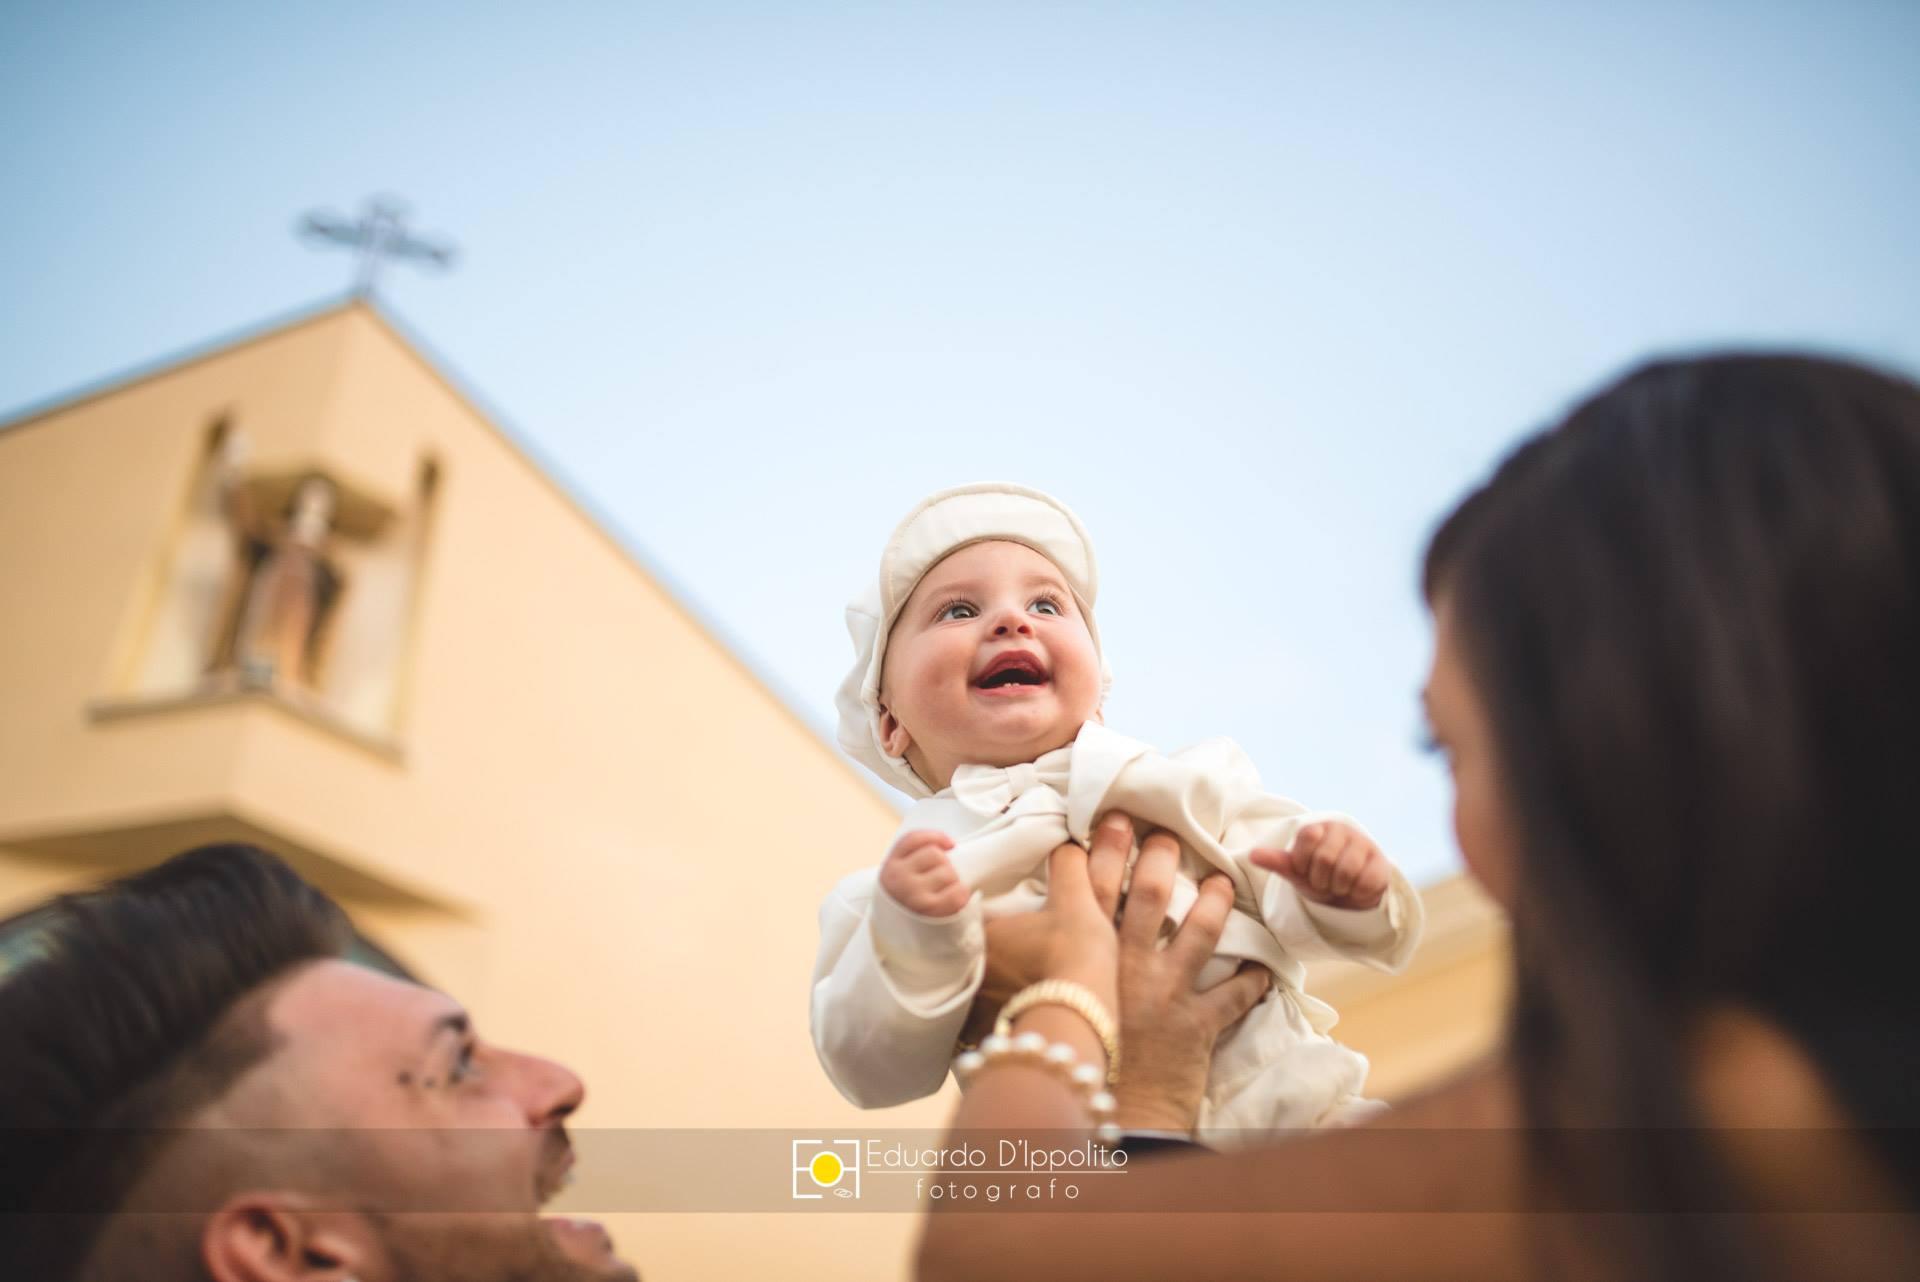 Battesimo Licata